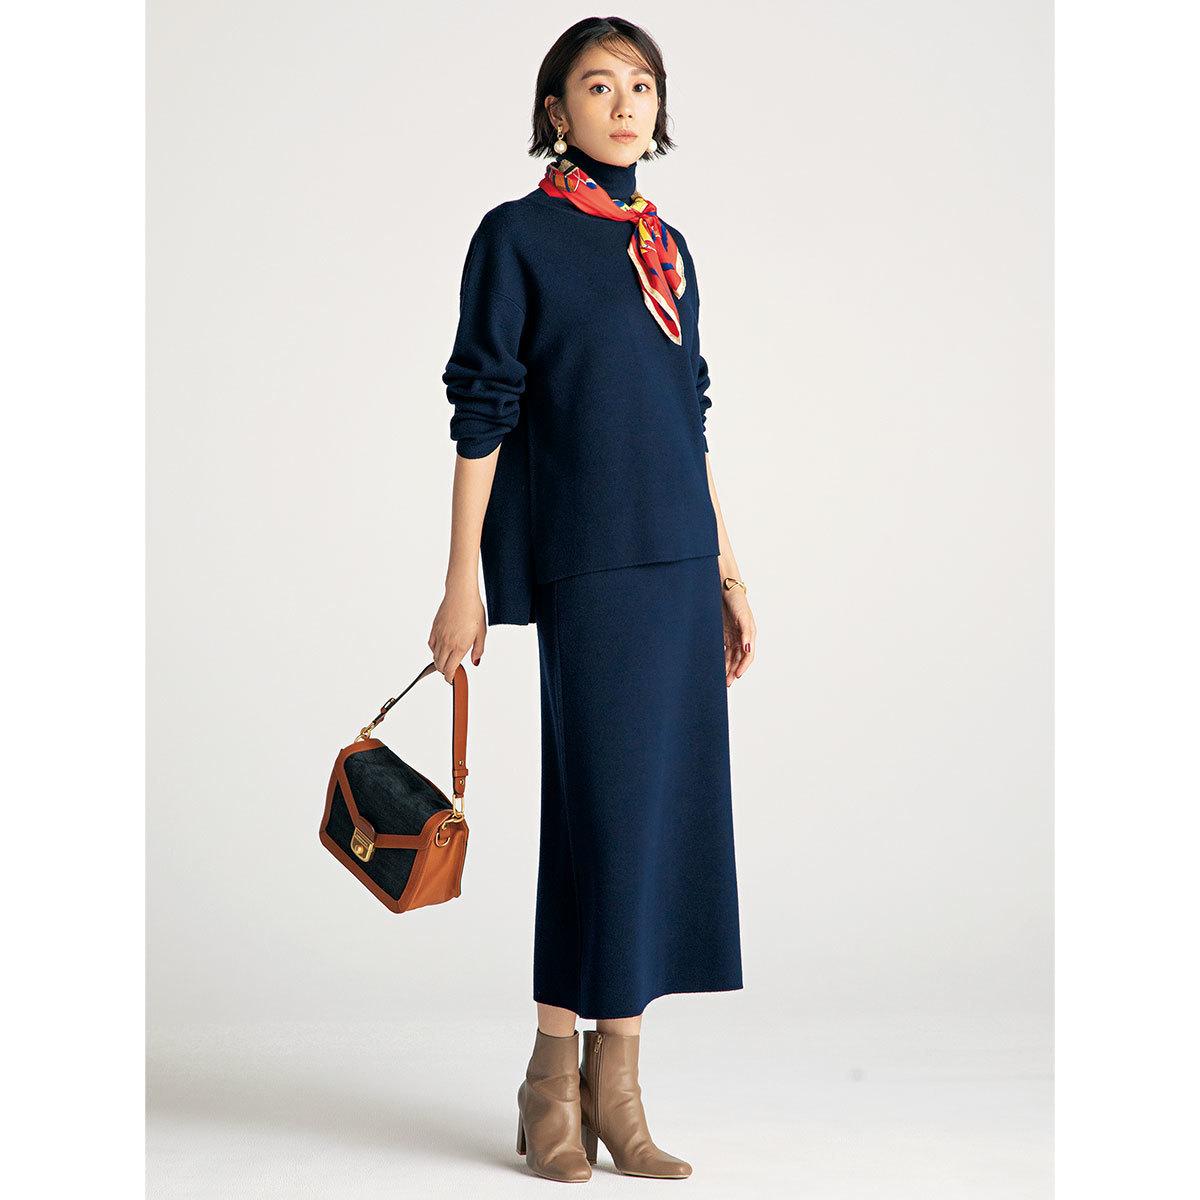 進化形ニットセットアップ×ブーツコーデを着たモデルの竹内友梨さん